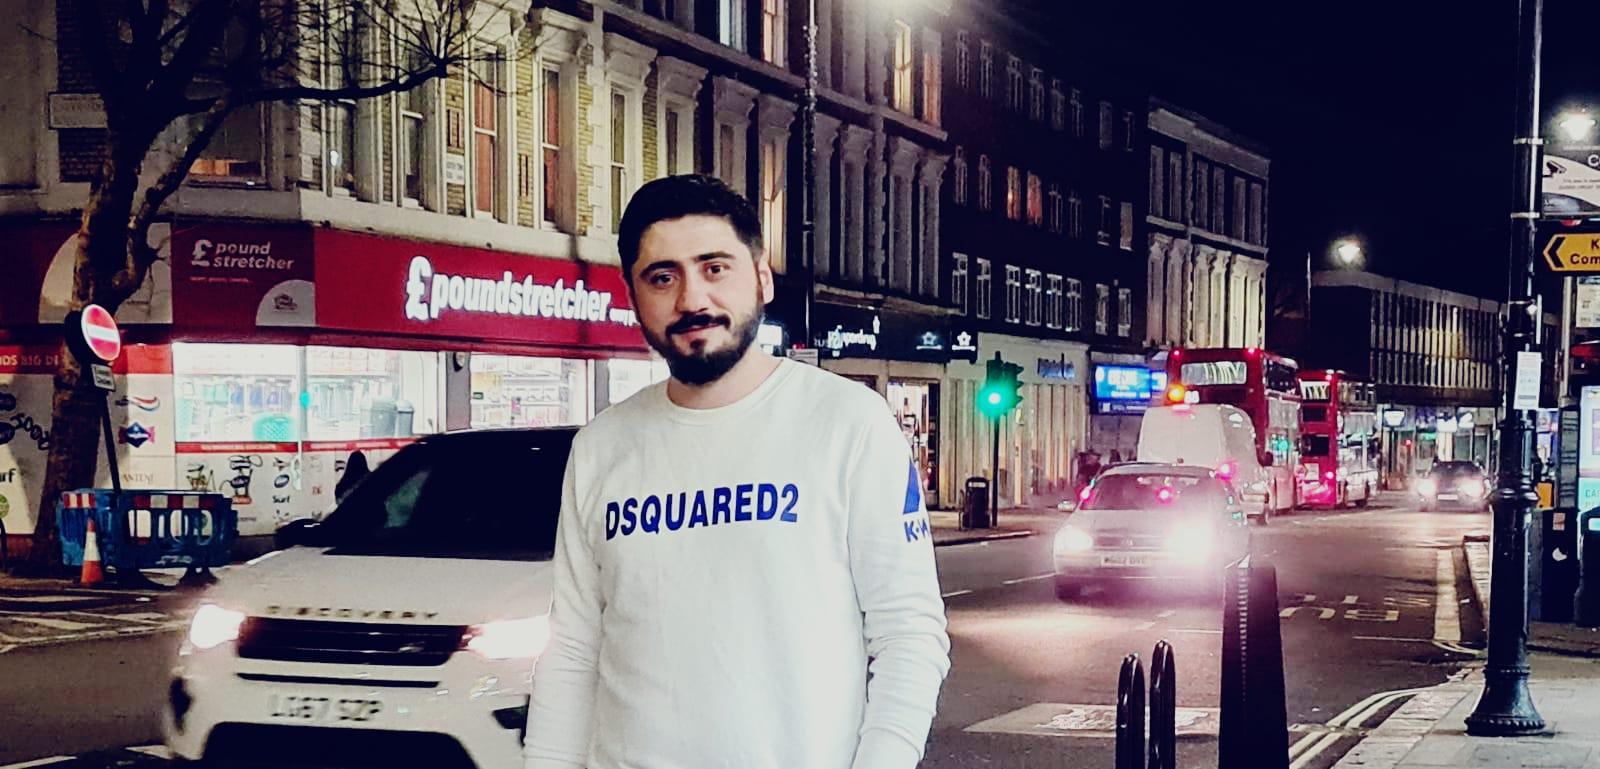 Türk Yazılımcı Yunus Emre Kelkitli, İngiltere'de Kurduğu Ekibiyle Yeni Bir E-Ticaret Platformu Geliştirdi